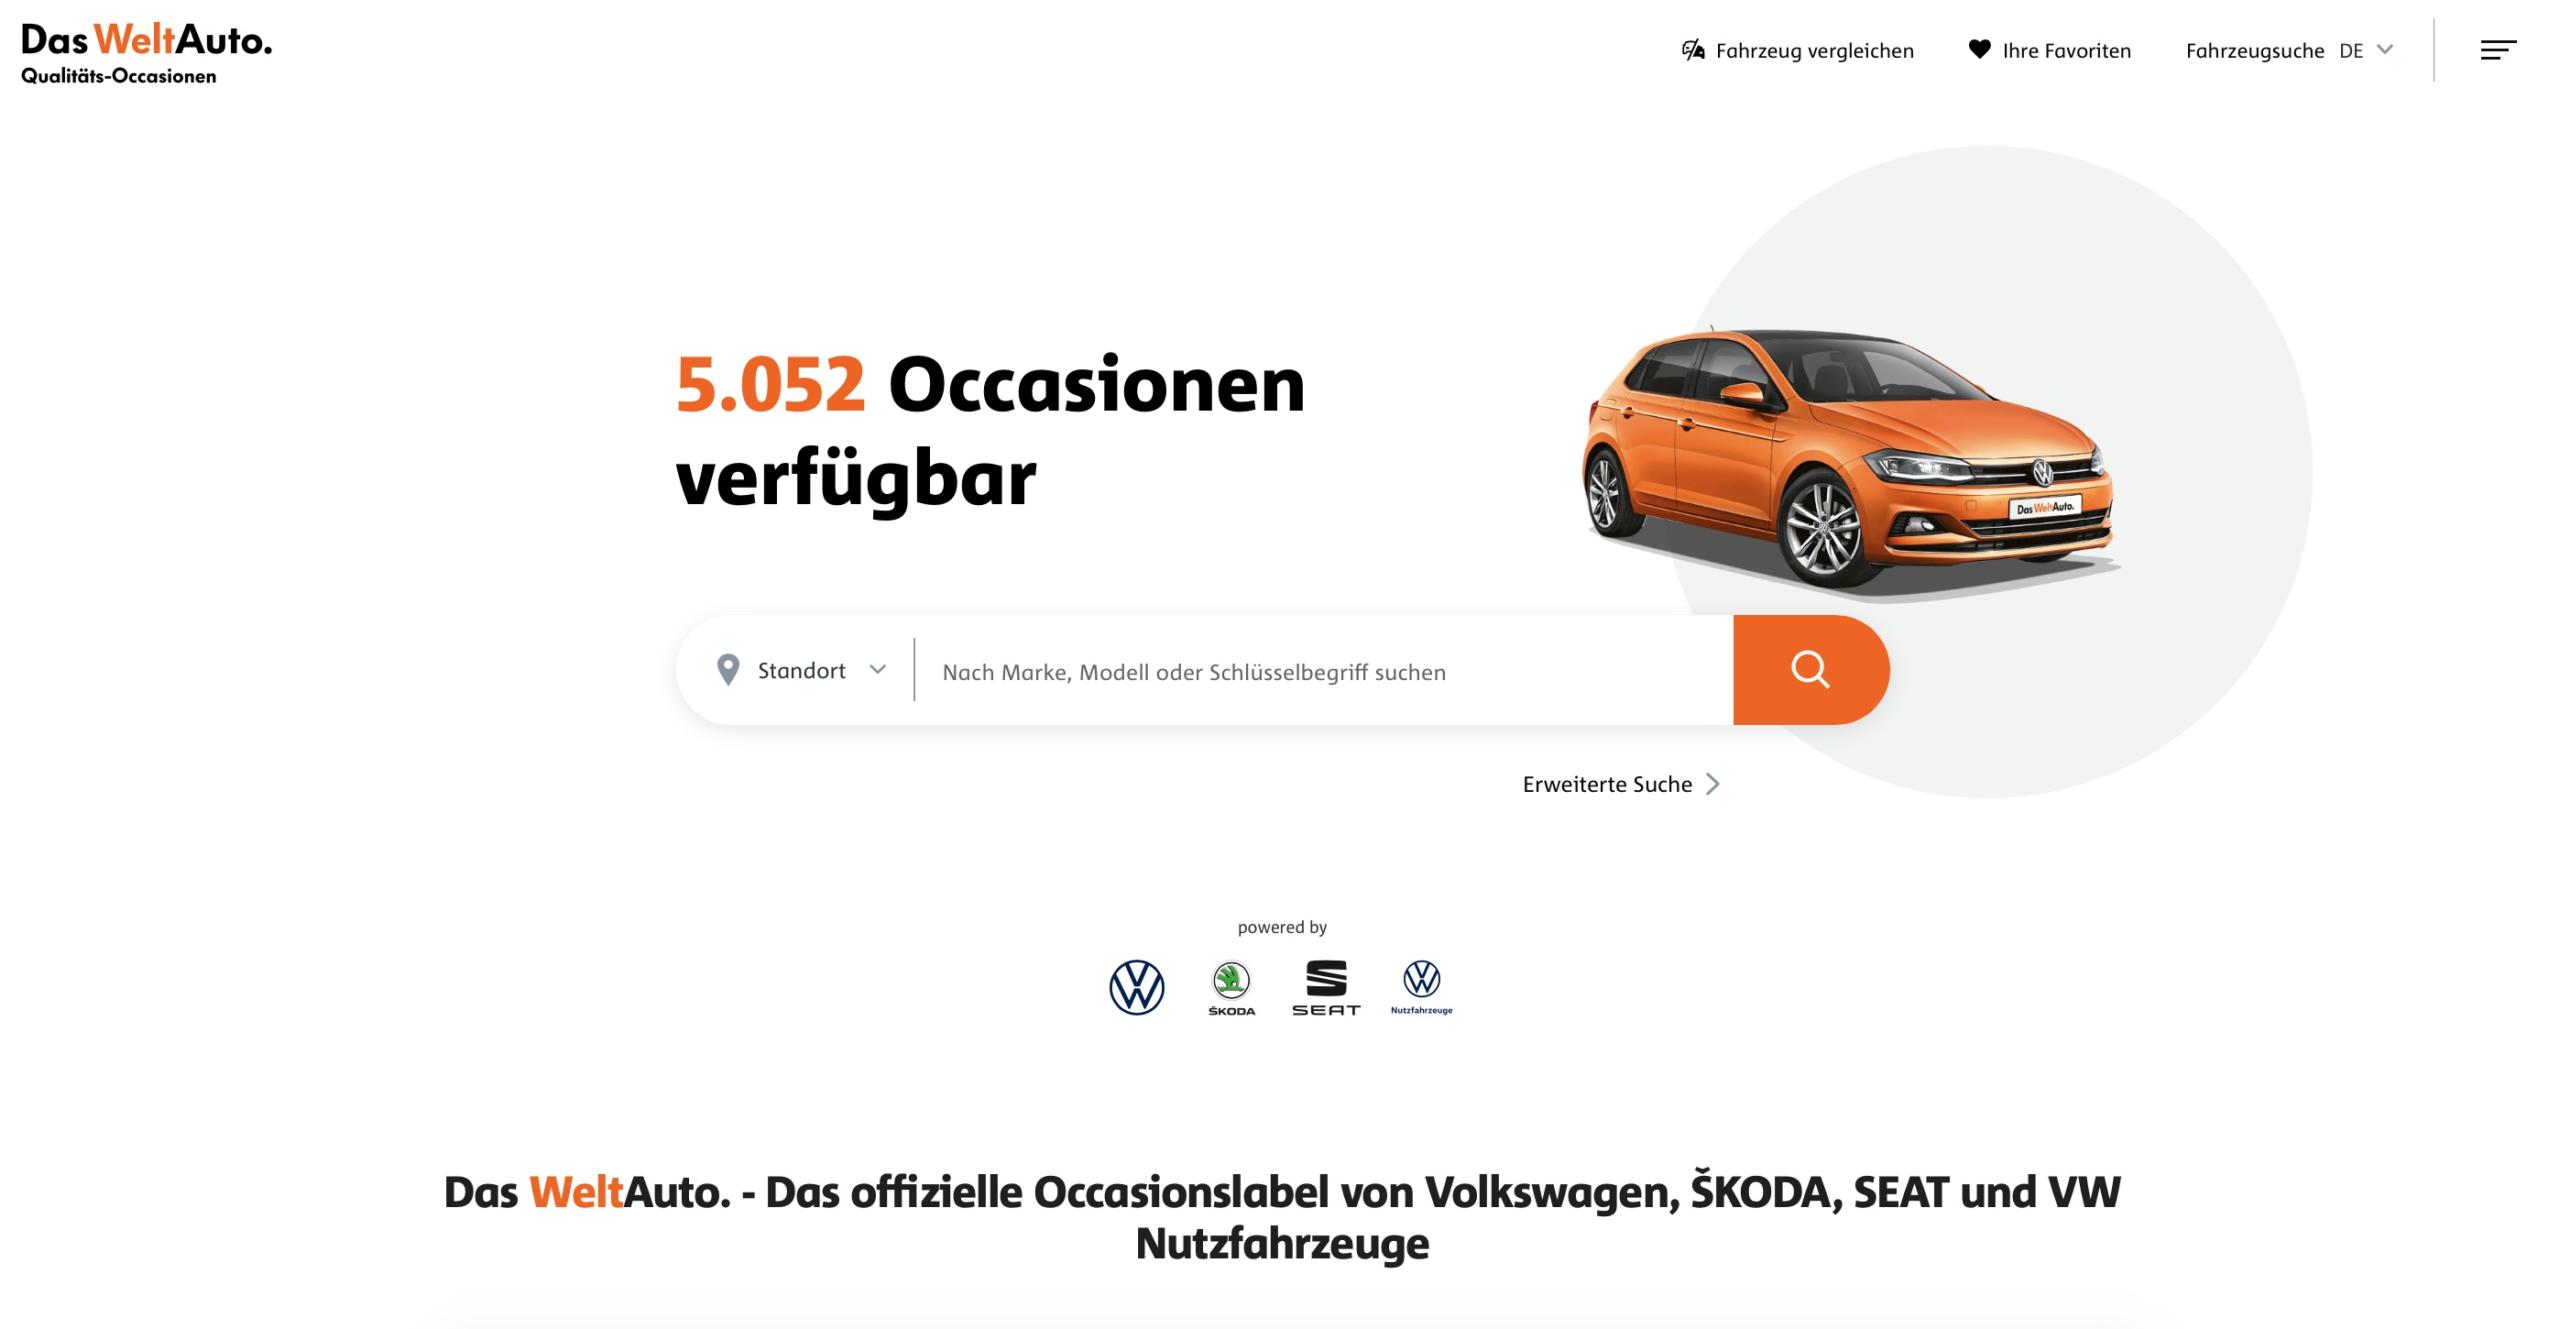 Das WeltAuto zeigt neuen Markenauftritt